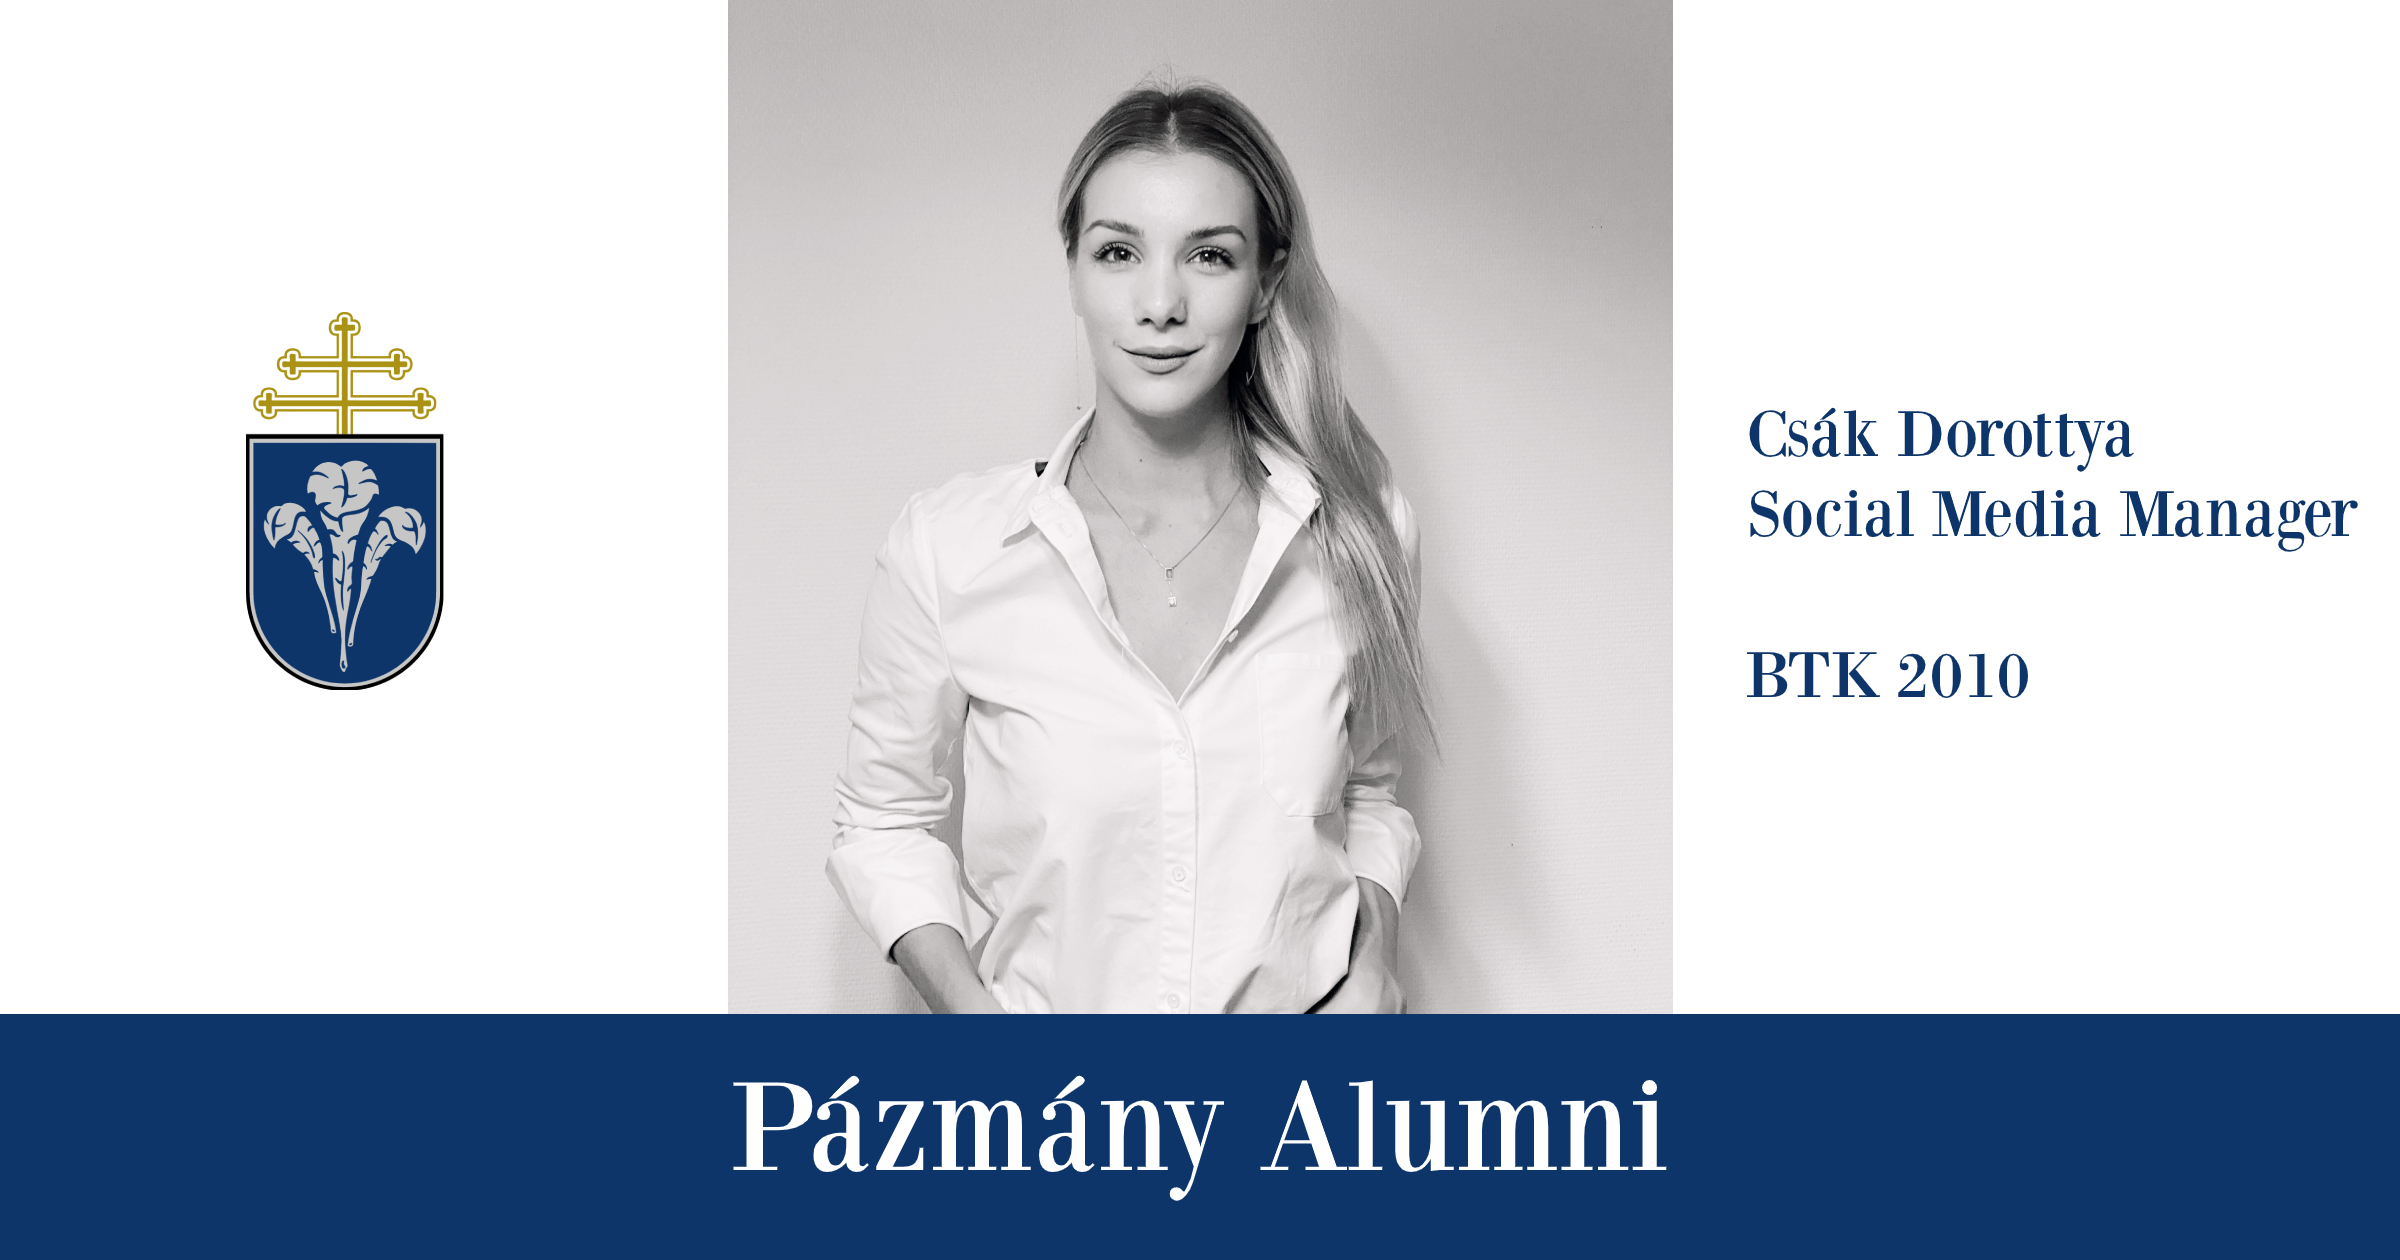 Pázmány Alumni: interjú Csák Dorottyával, a BTK egykori hallgatójával